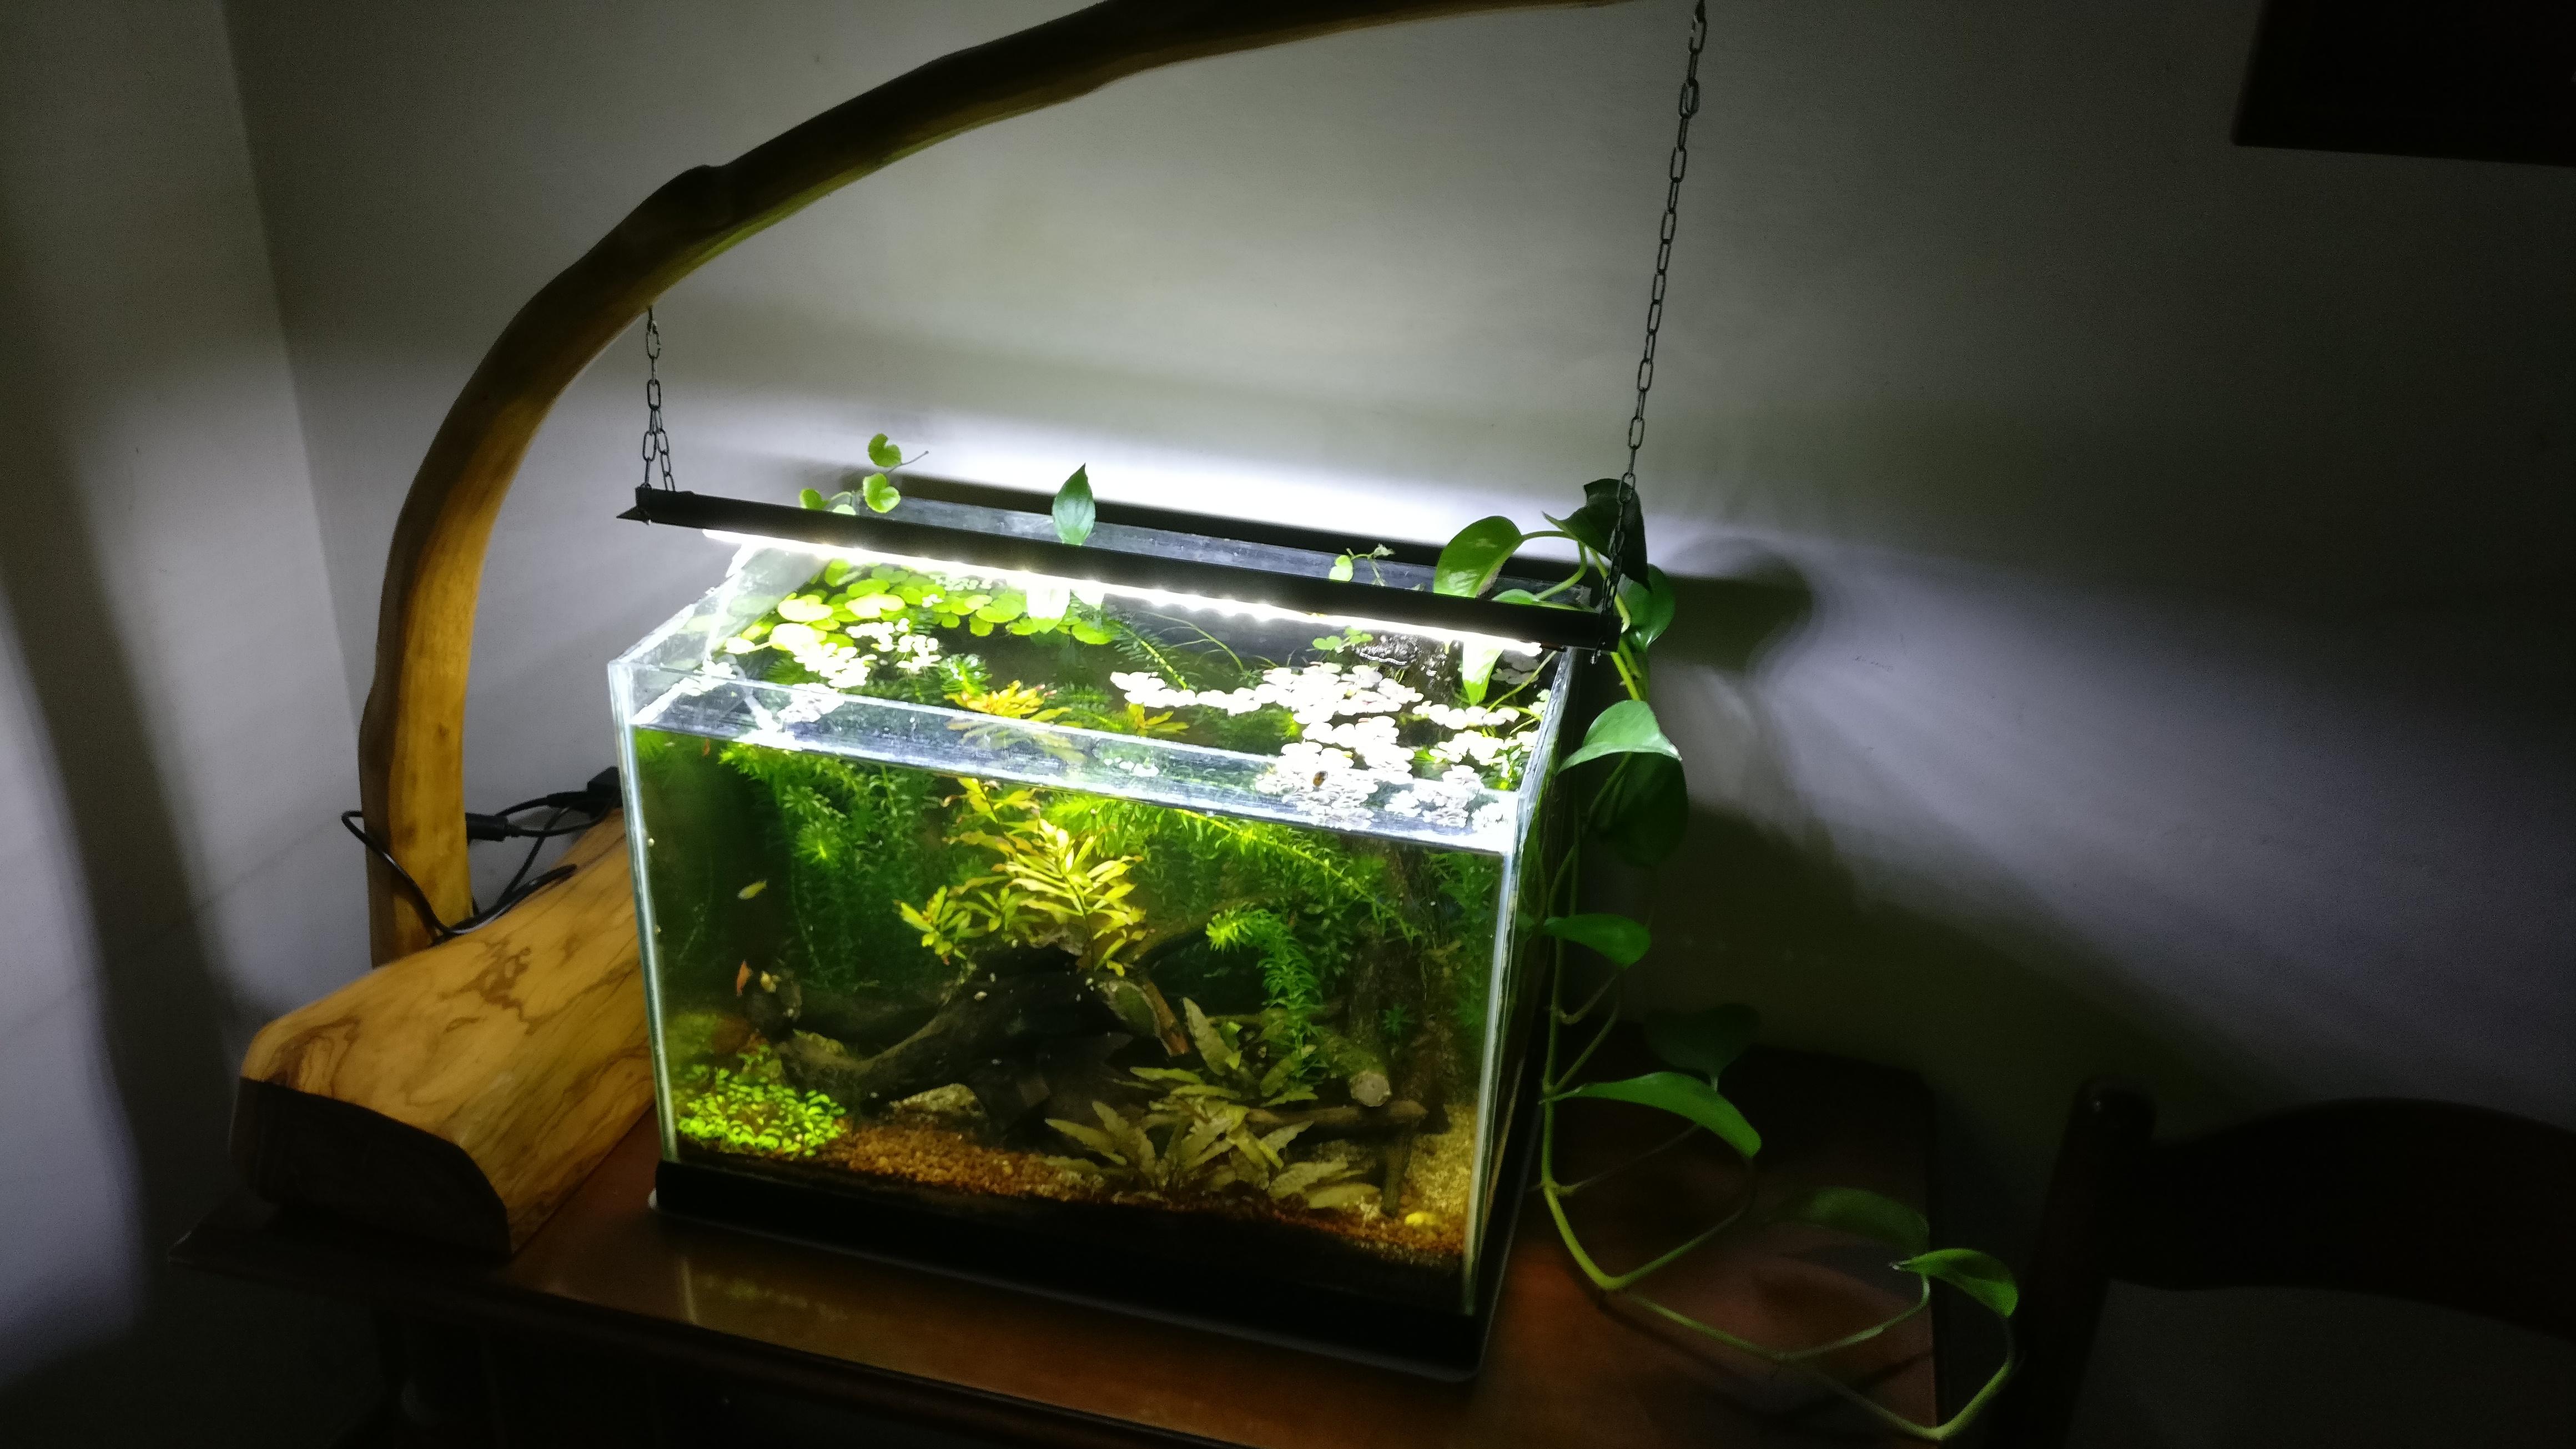 Plafoniere Per Acquari Aperti : Plafoniera per acquario aperto °neon